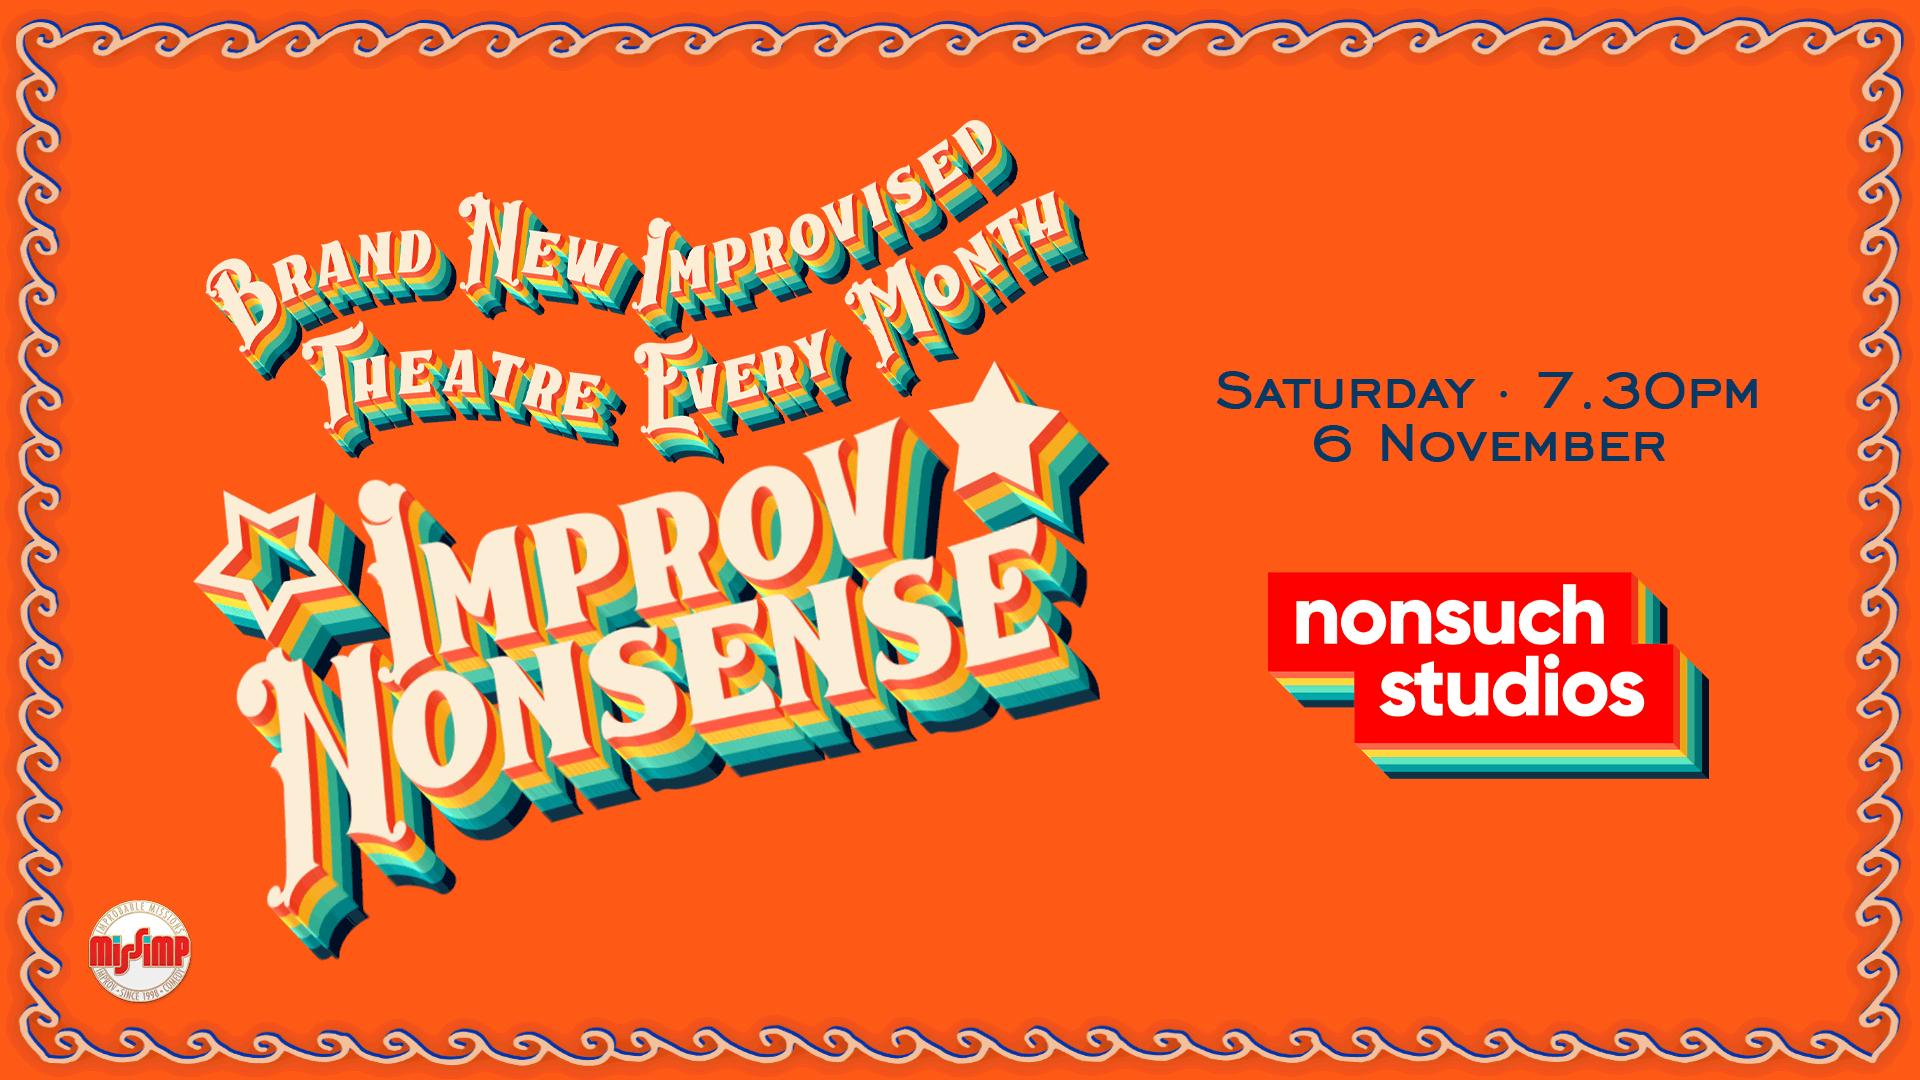 Improv Nonsense 6 November 2021